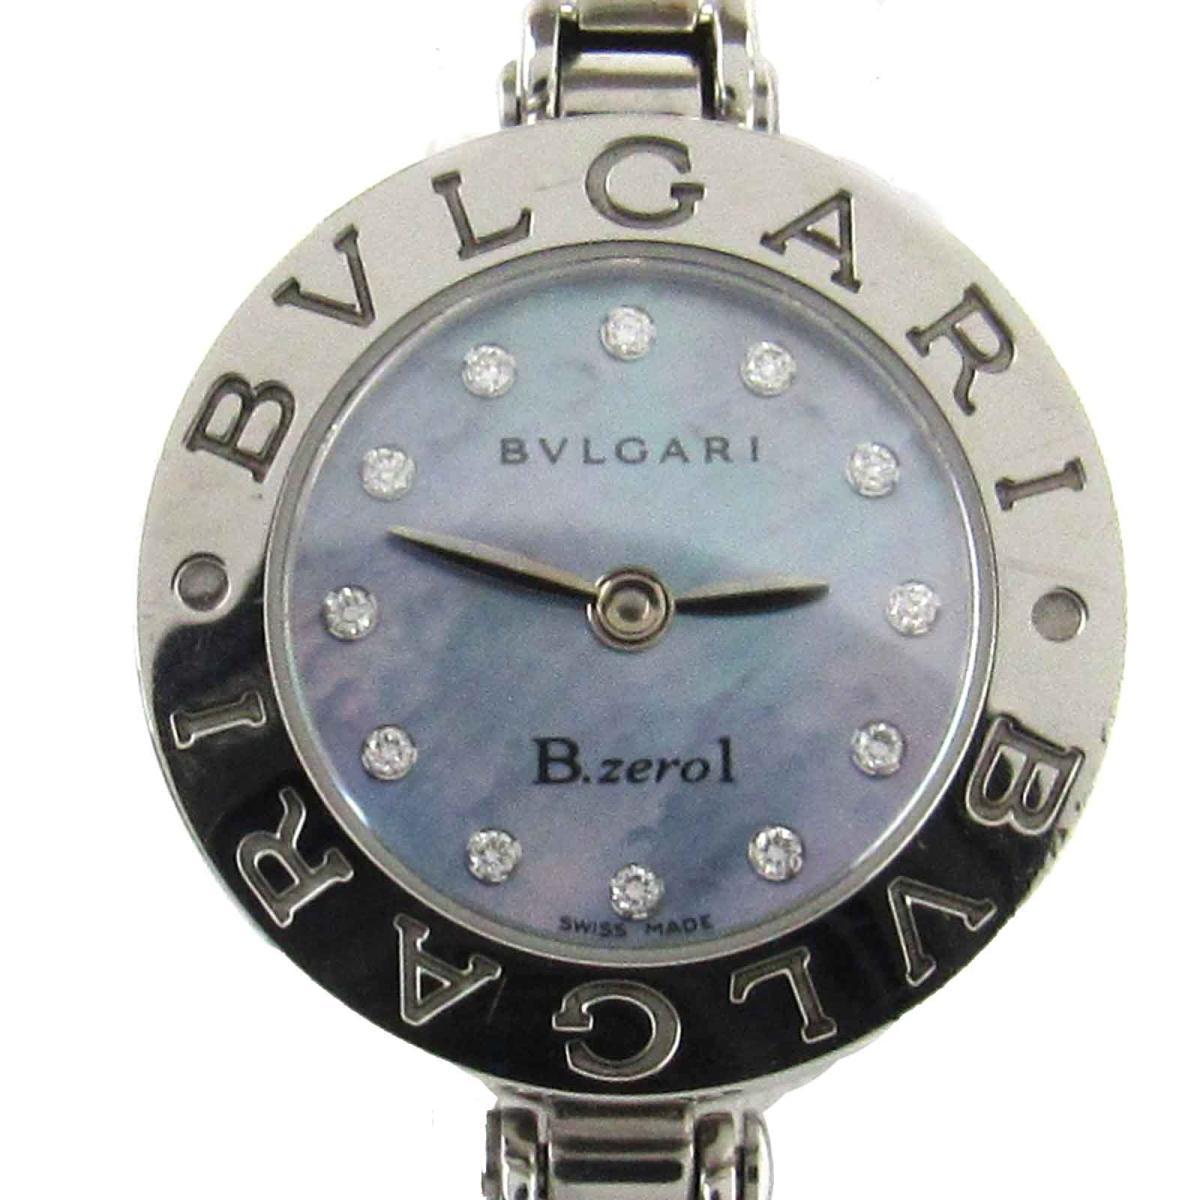 【中古】 ブルガリ B-zero1 ビーゼロワン 12Pダイヤモンド ウォッチ 腕時計 レディース ステンレススチール (SS) x ダイヤモンド (BZ22S) | BVLGARI BRANDOFF ブランドオフ ブランド ブランド時計 ブランド腕時計 時計